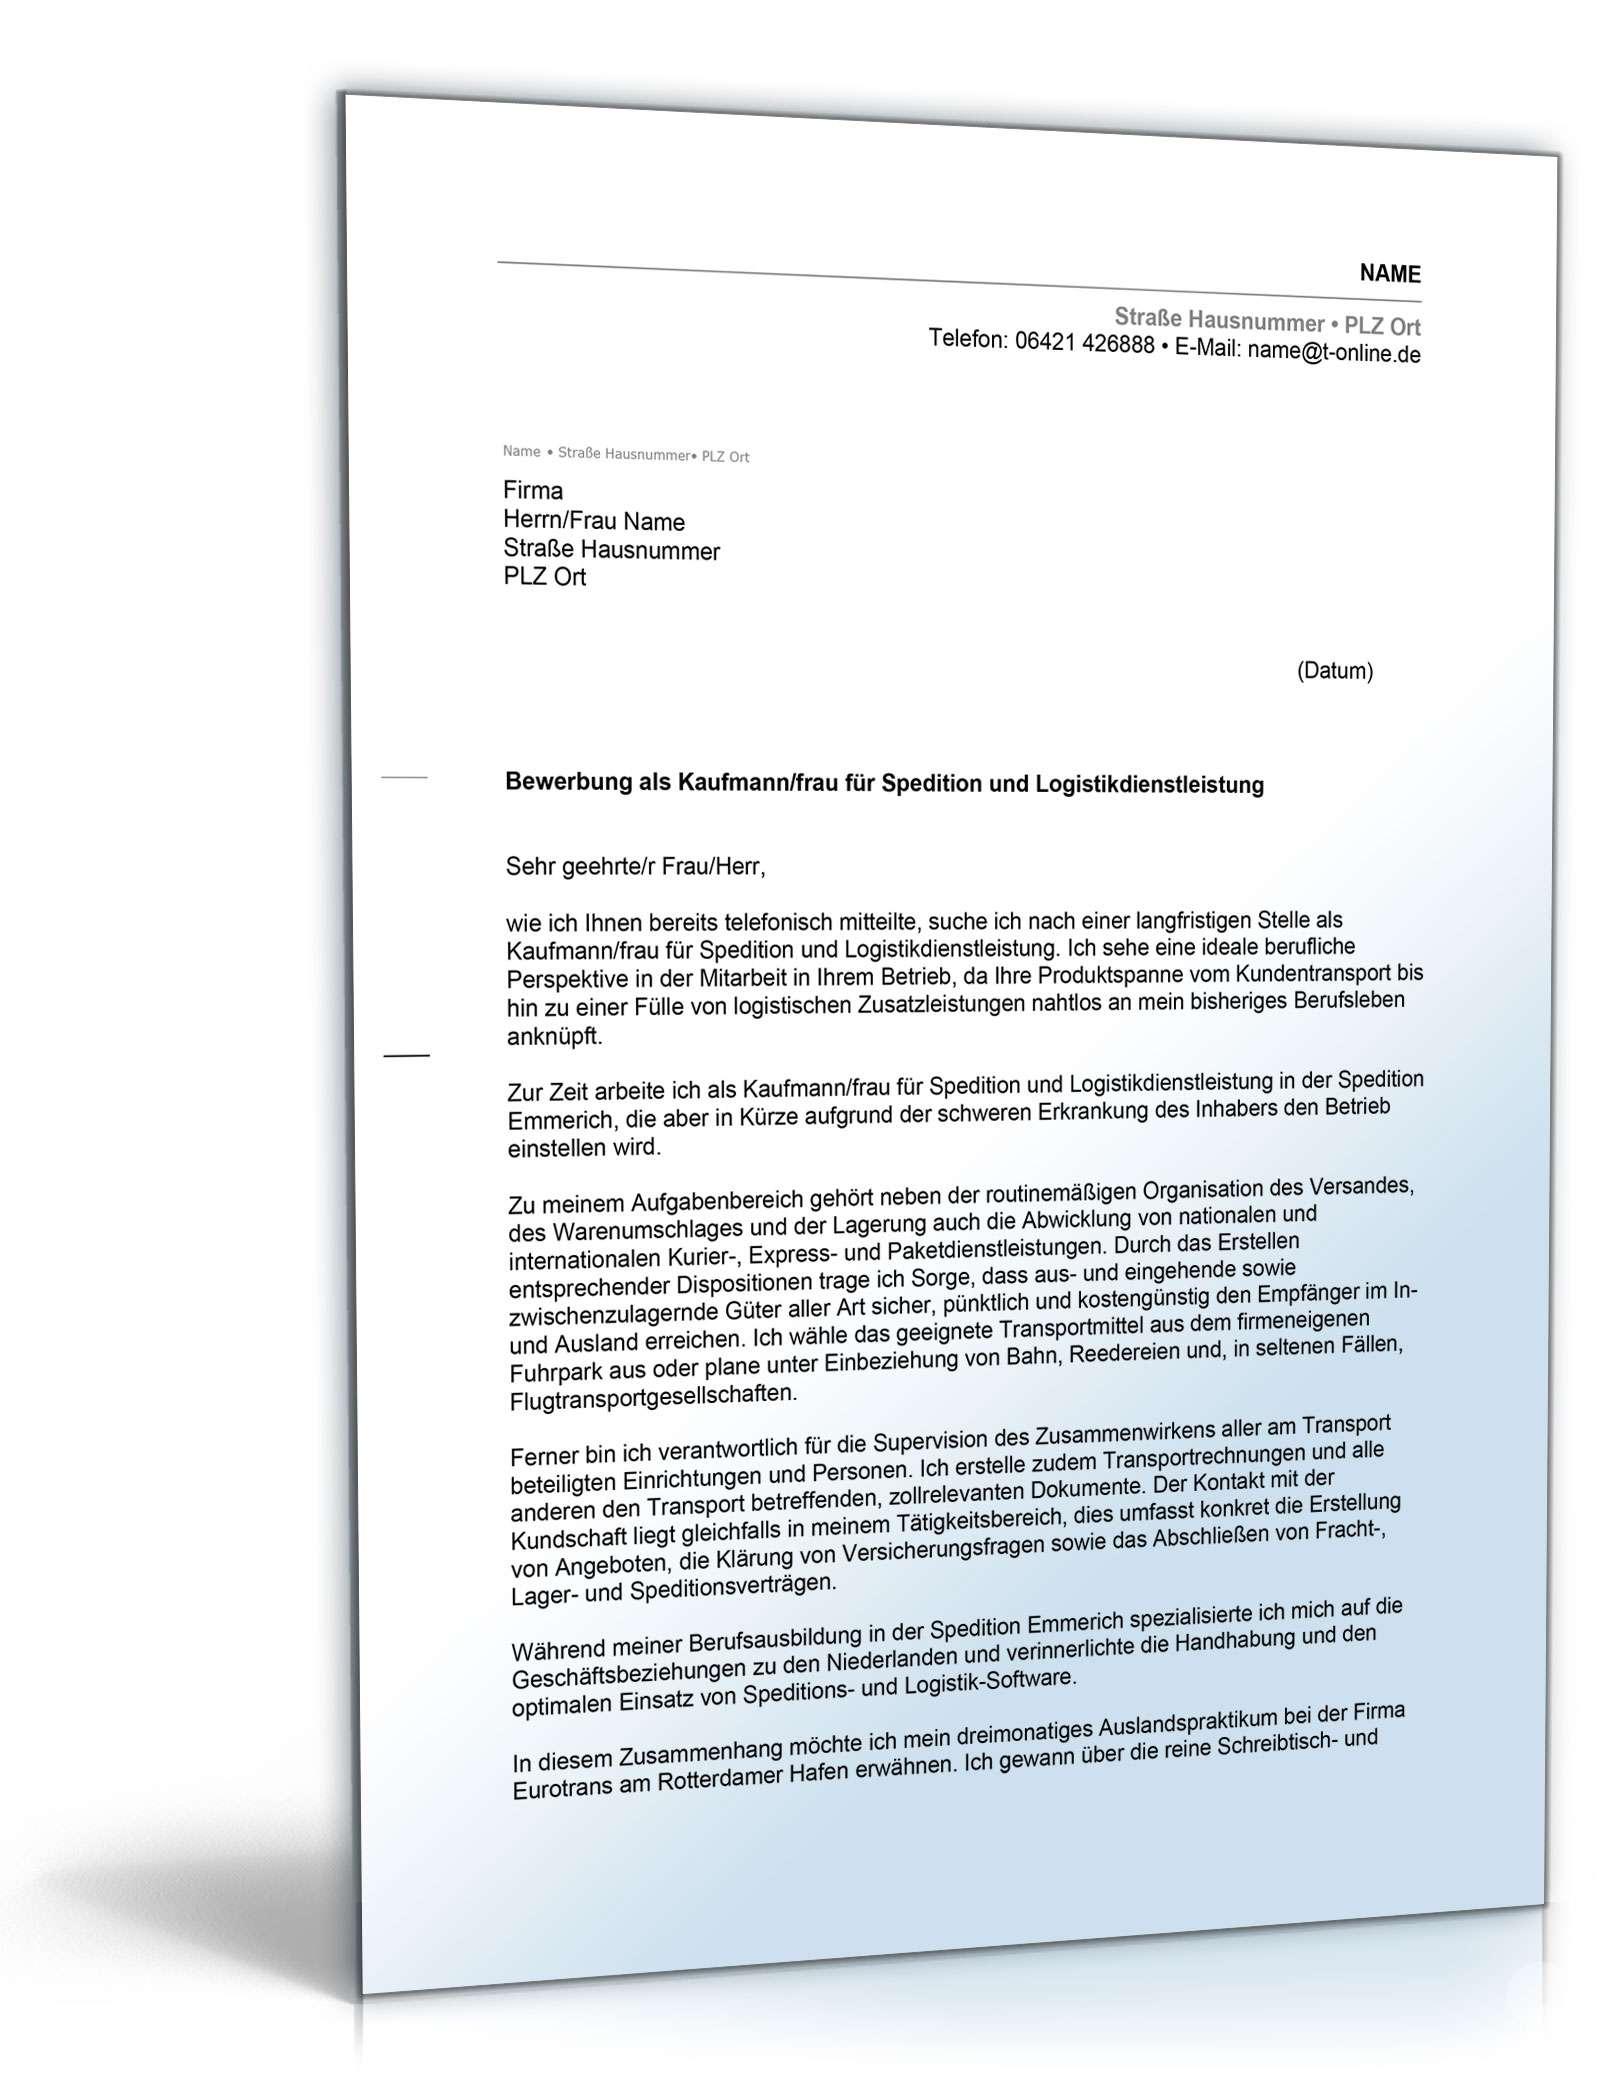 Anschreiben Bewerbung Speditionskaufmann Muster Zum Download